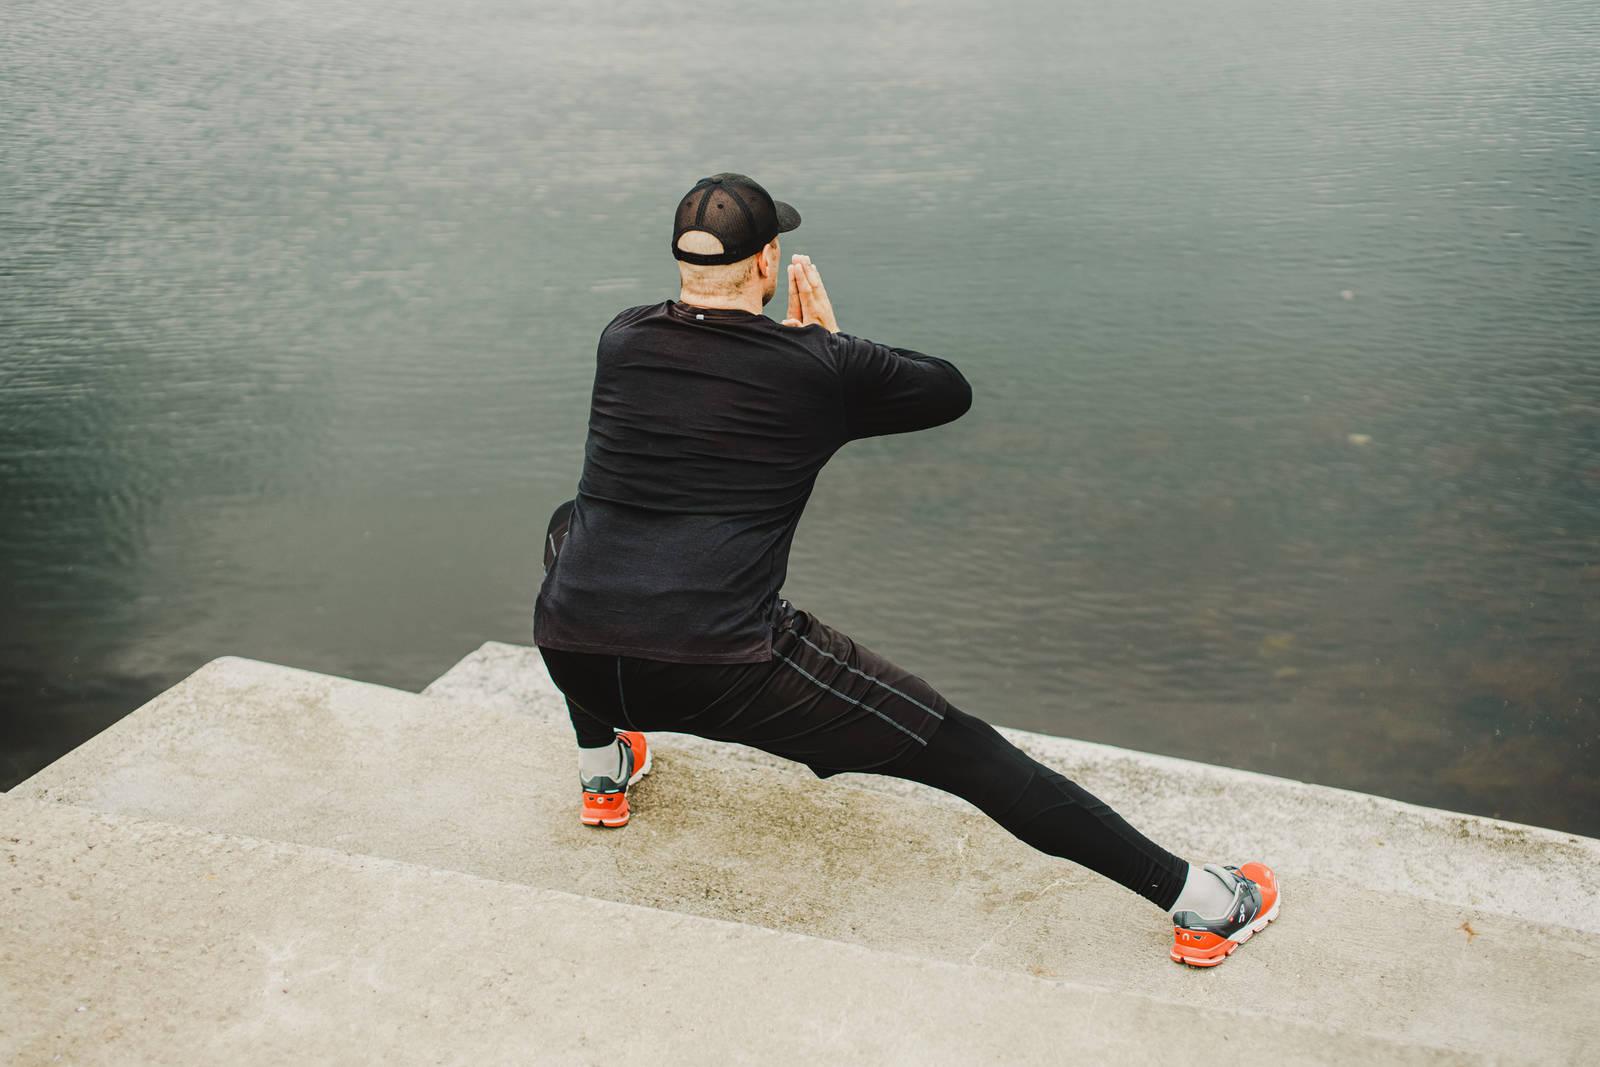 Sideveis utfall gir deg god kontroll på muskulaturen og posjoneringen av krefter som legges i øvelsen. Bilde: Christian Nerdrum